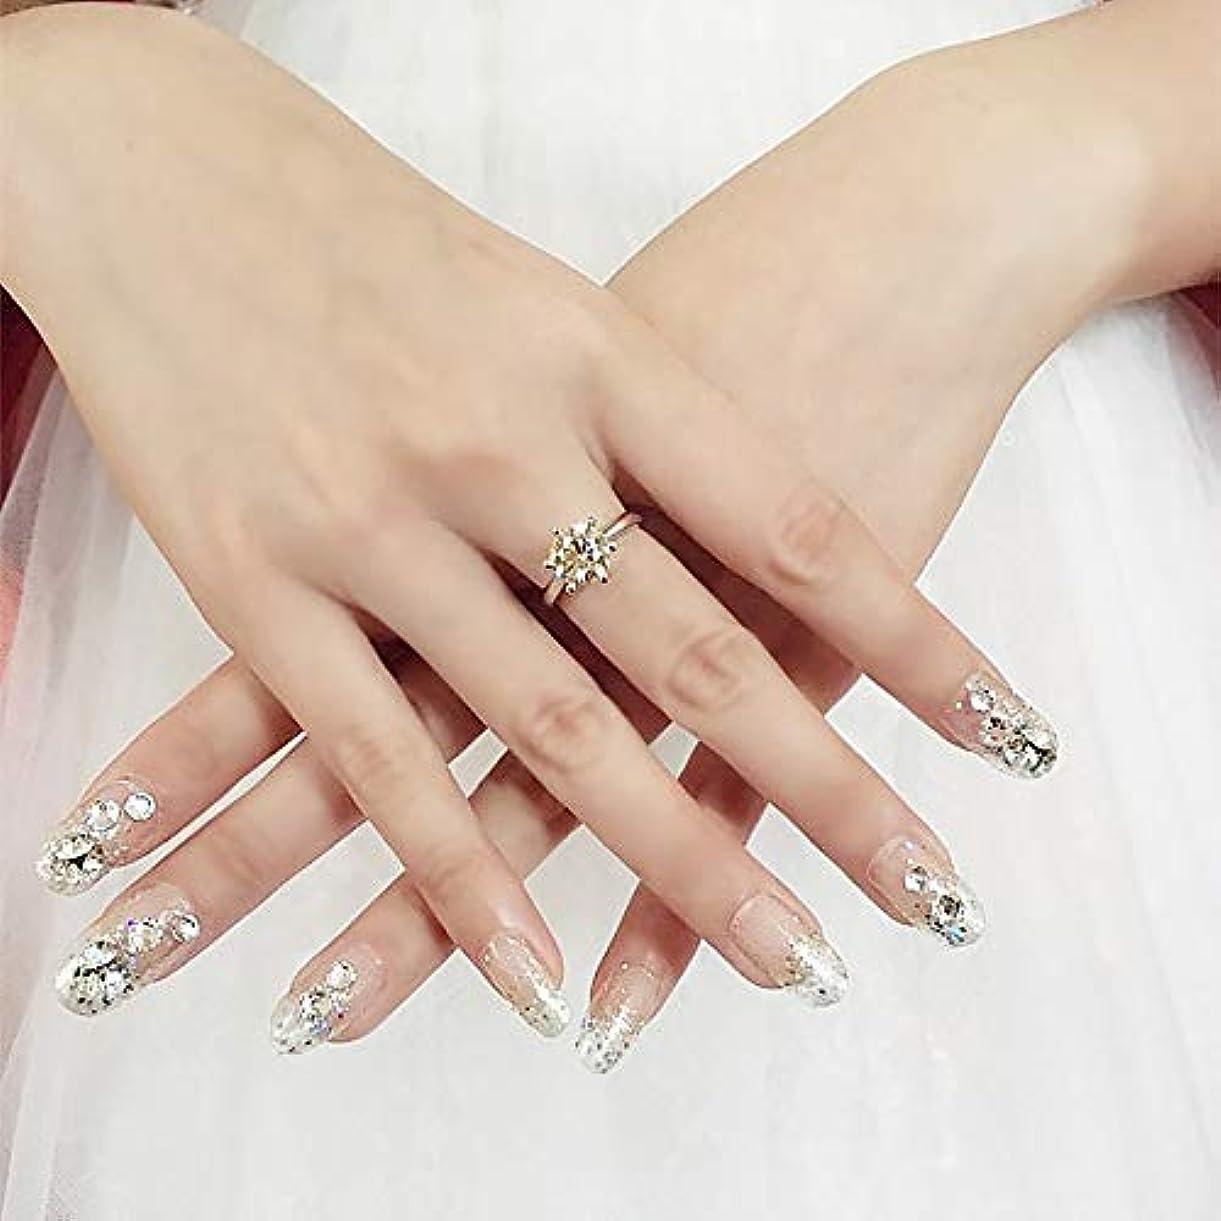 バンク超越するアソシエイトSIFASHION 結婚する 花嫁のネイルチップ きらめき 人工ダイヤモンド 丸ネイルパッチ両面接着テープ付き ネイルチップ (ヌード)